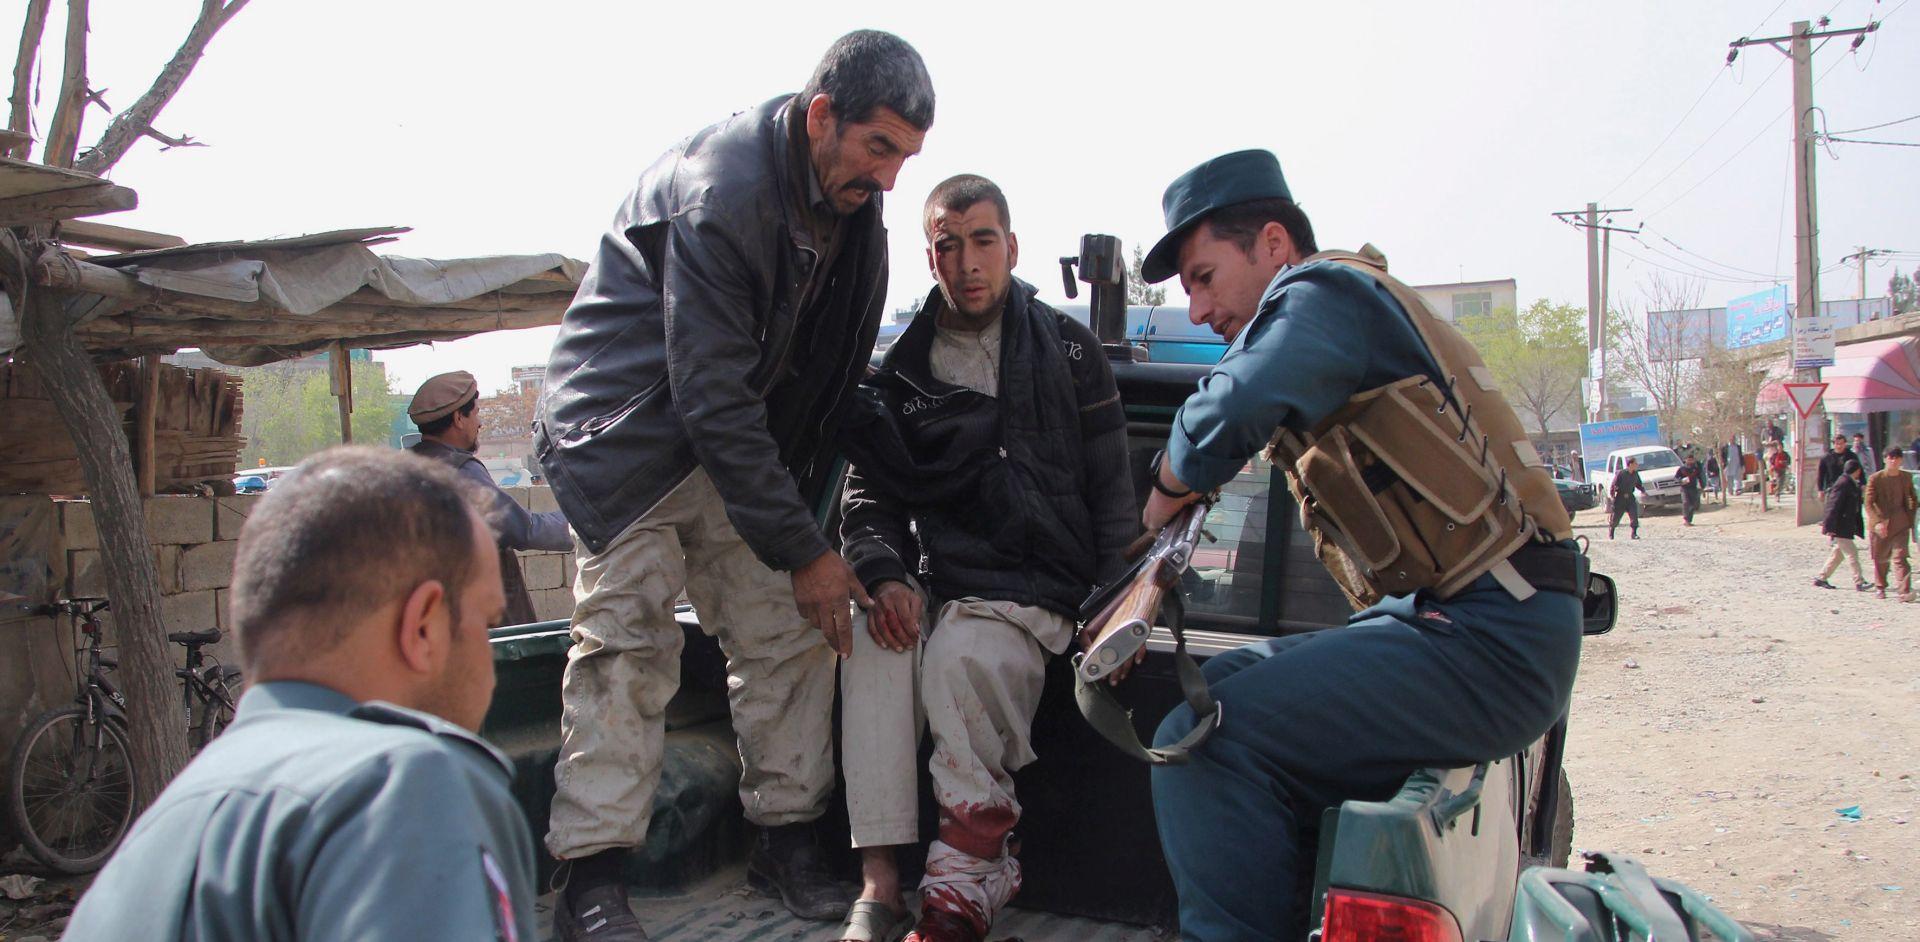 SAMOUBILAČKI NAPAD U AFGANISTANU Bombaš se raznio kraj tržnice, najmanje šest poginulih